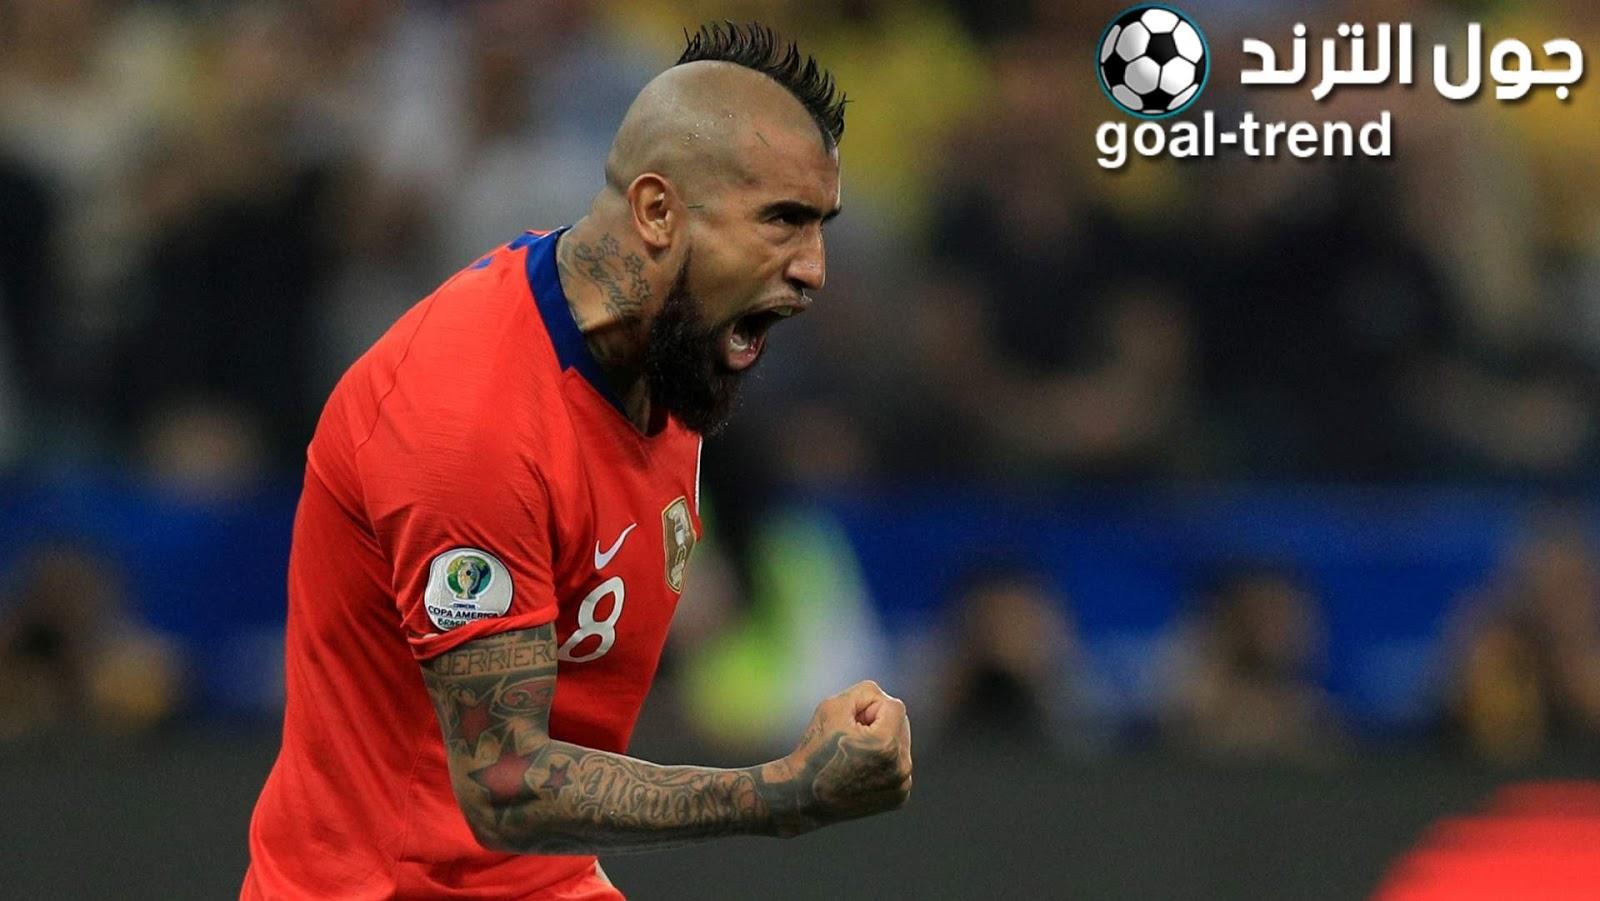 نتيجة مواجهة تشيلي والبير في كوبا أمريكا 2019